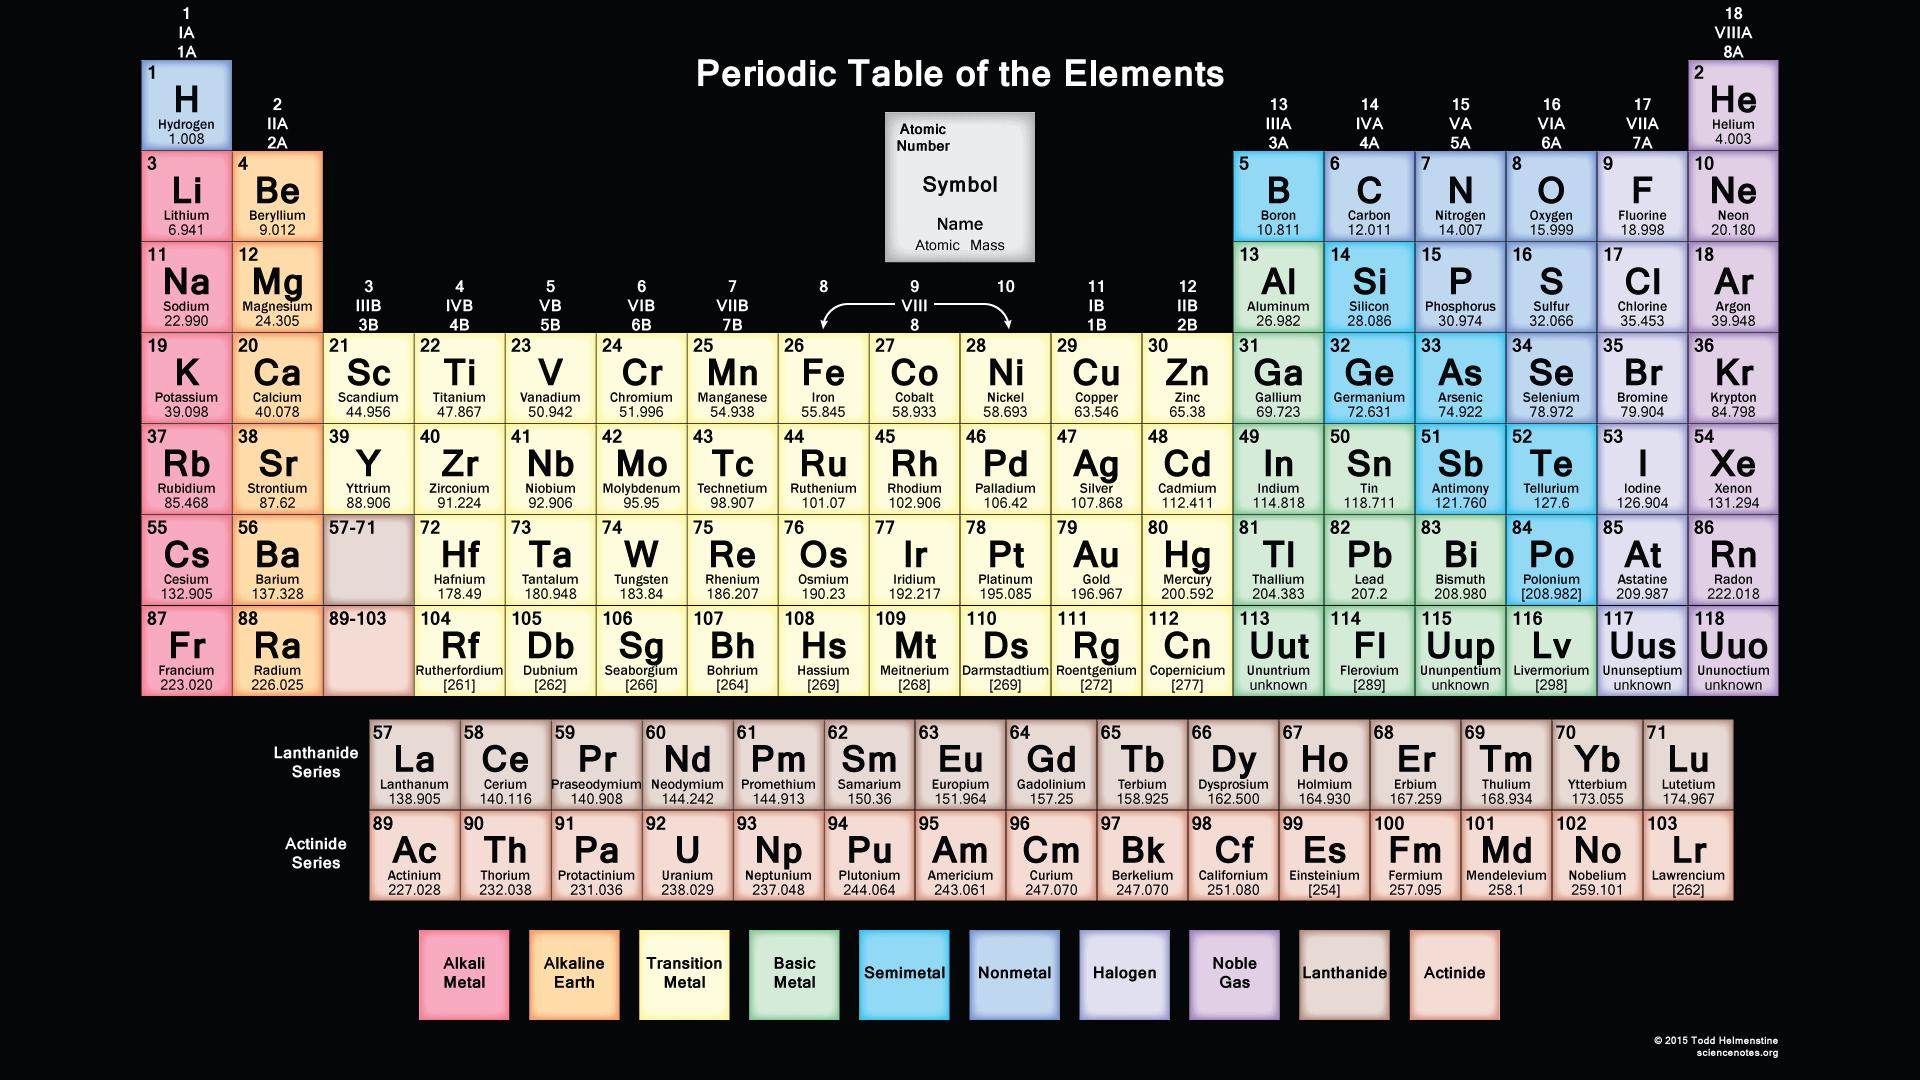 Tabel periodik unsur kimia hd lengkap dan keterangan mastah tabel periodik unsur kimia hd lengkap dan keterangan urtaz Choice Image